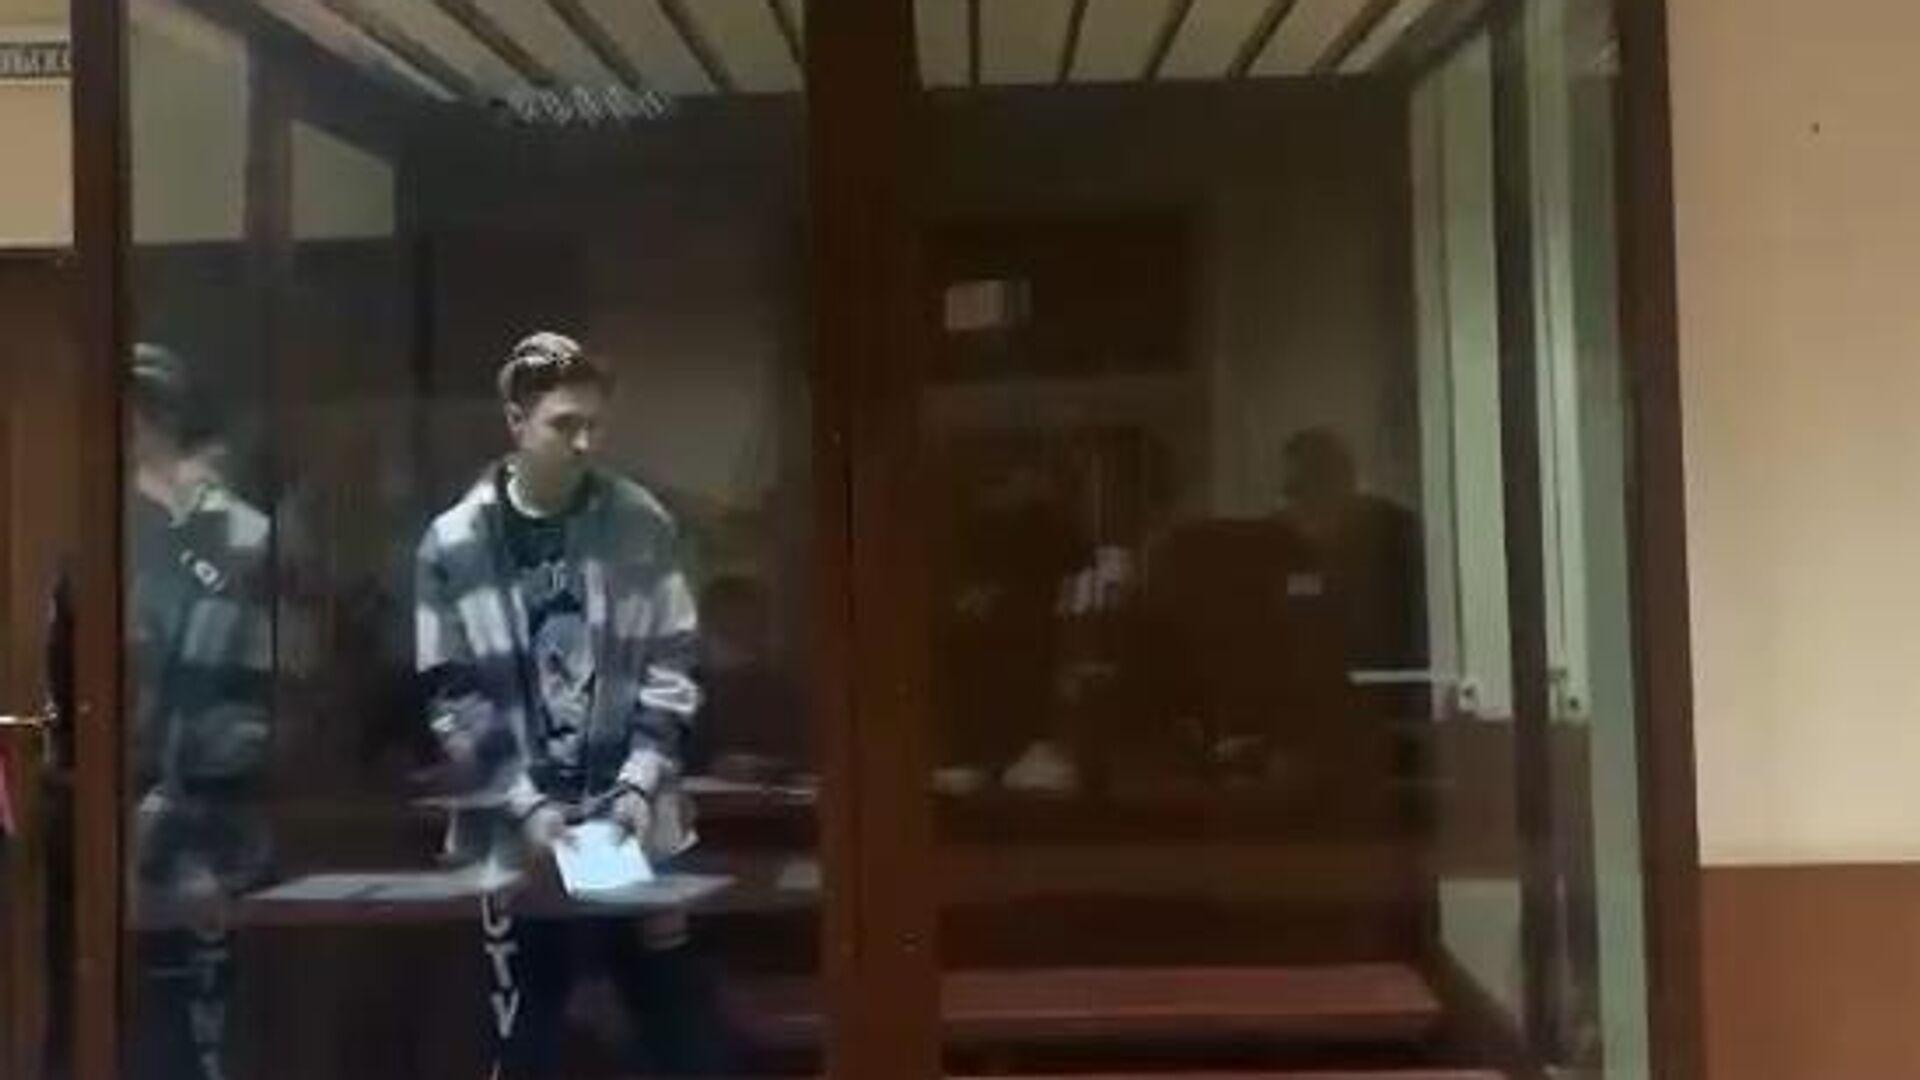 Видеоблогер Константин Лакеев, подозреваемый в нападении на служебный автомобиль ФСБ на незаконной акции в Москве 23 января, на заседании Пресненского районного суда города Москвы - РИА Новости, 1920, 04.03.2021